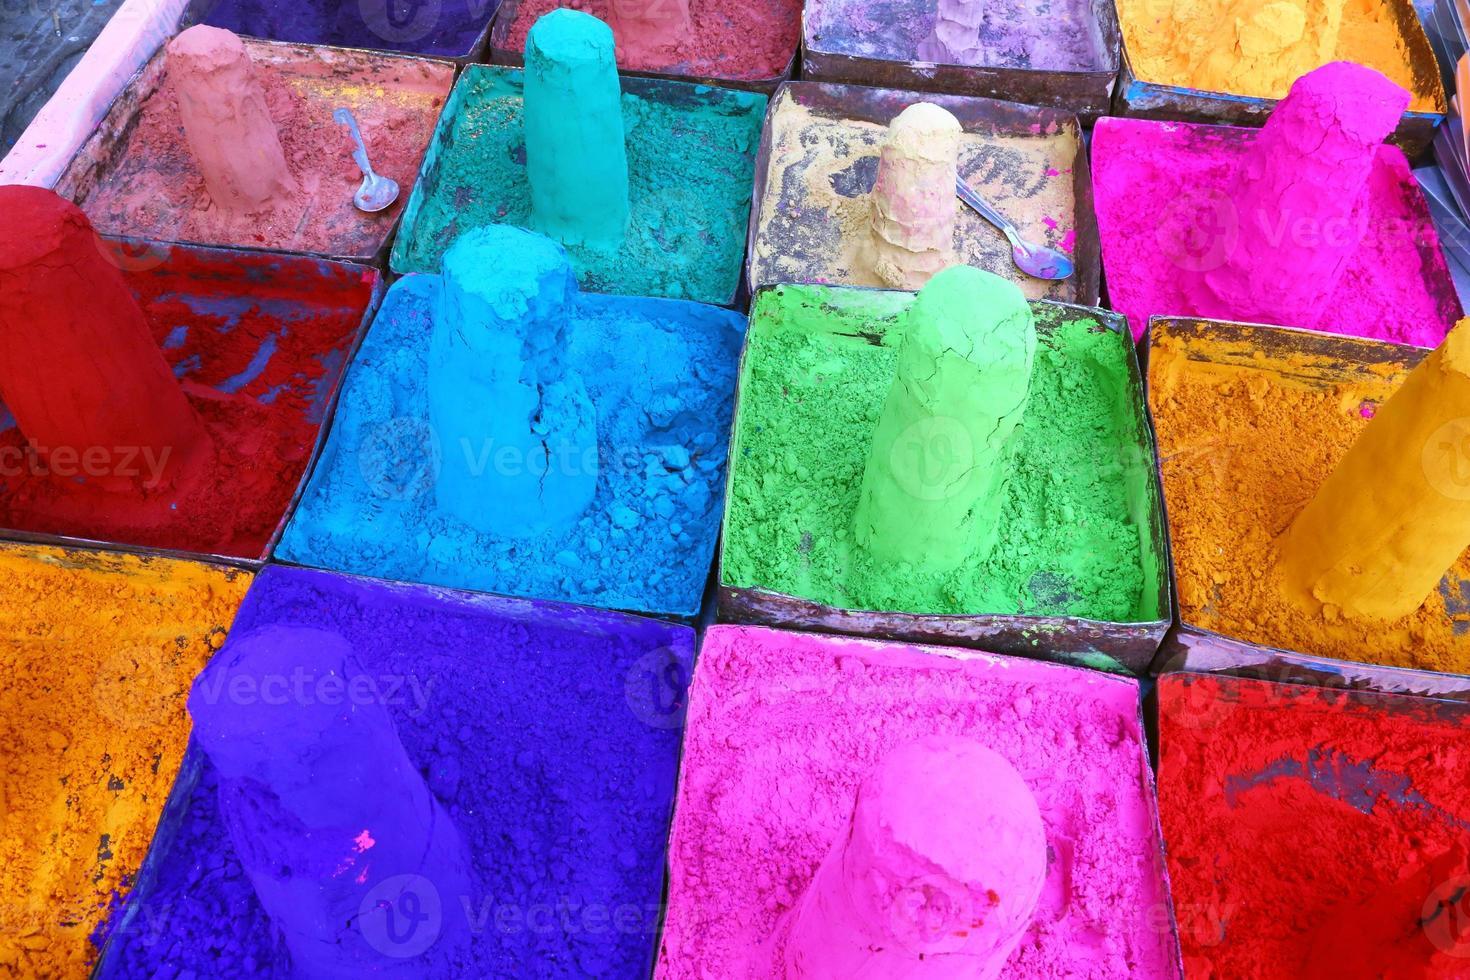 mehrfarbige Pulver auf dem indischen Markt von Pushkar, Rajasthan foto